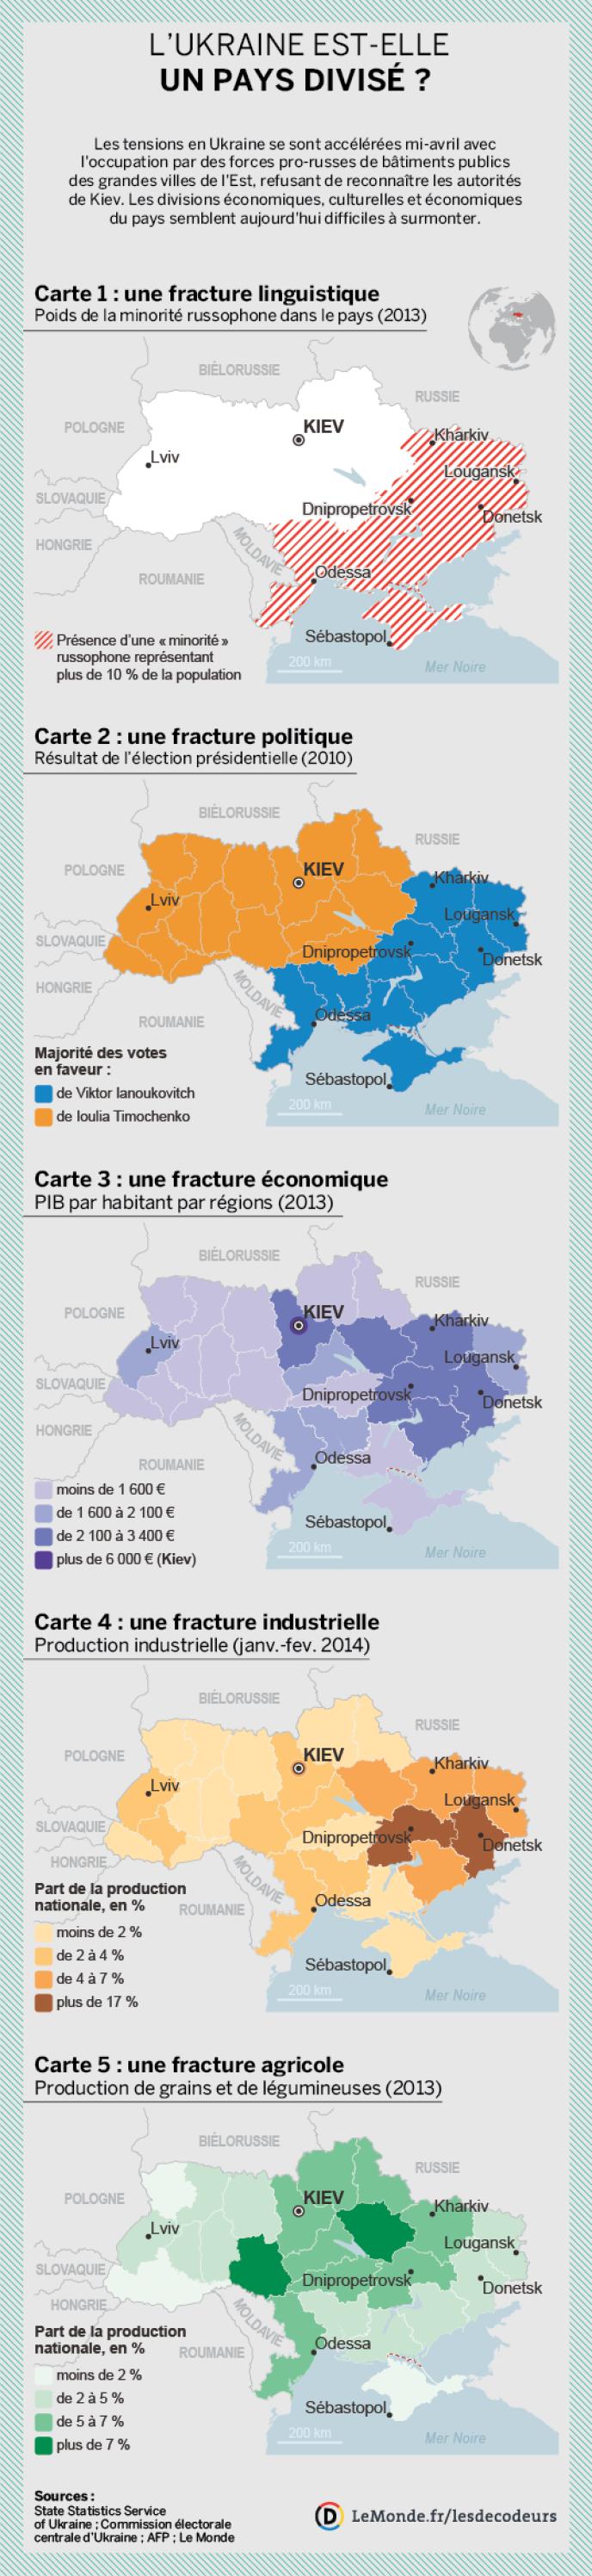 L'Ukraine est-elle un pays divisé ?